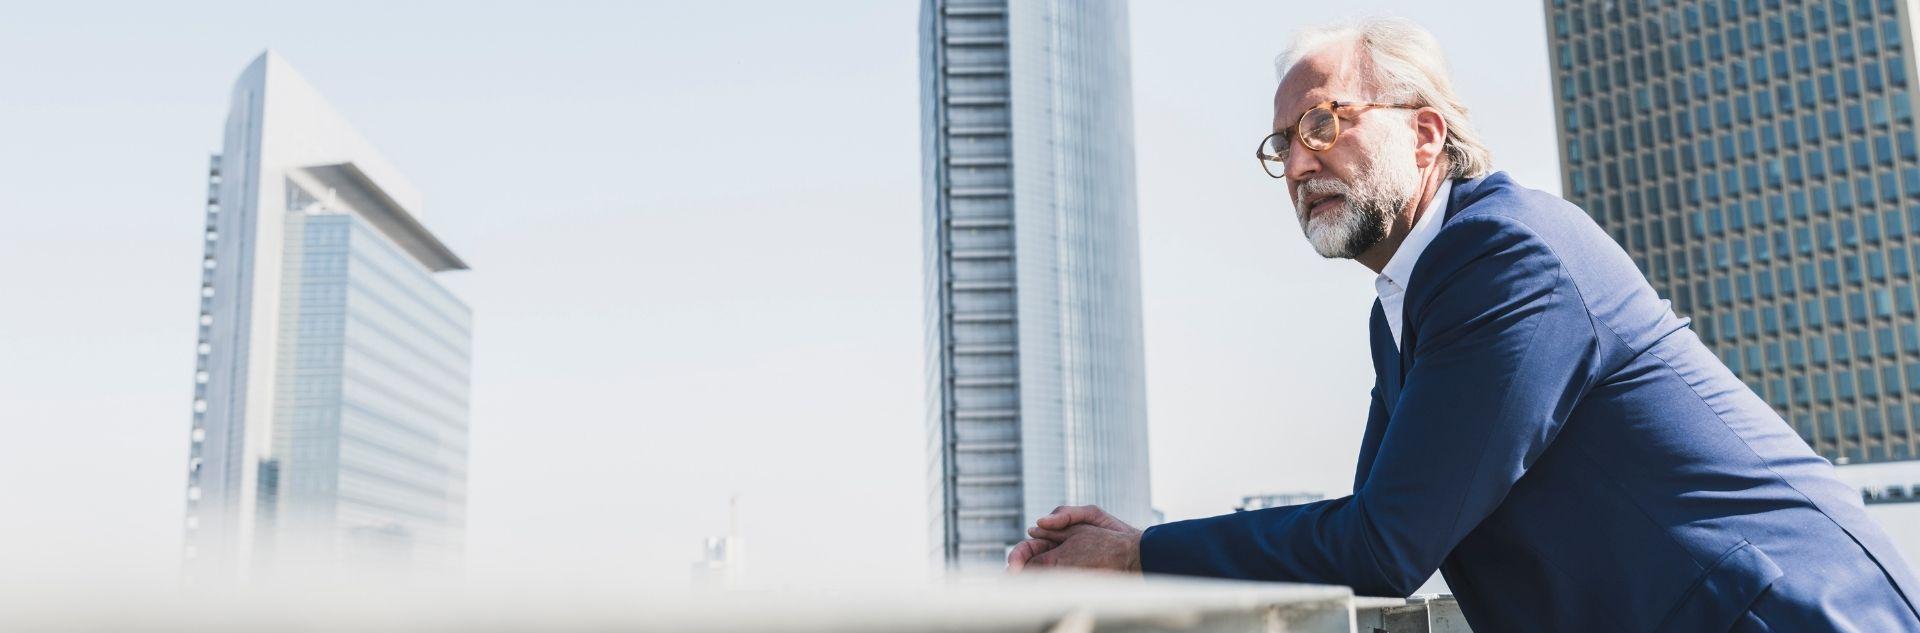 Geschäftsmann unterwegs in Frankfurt